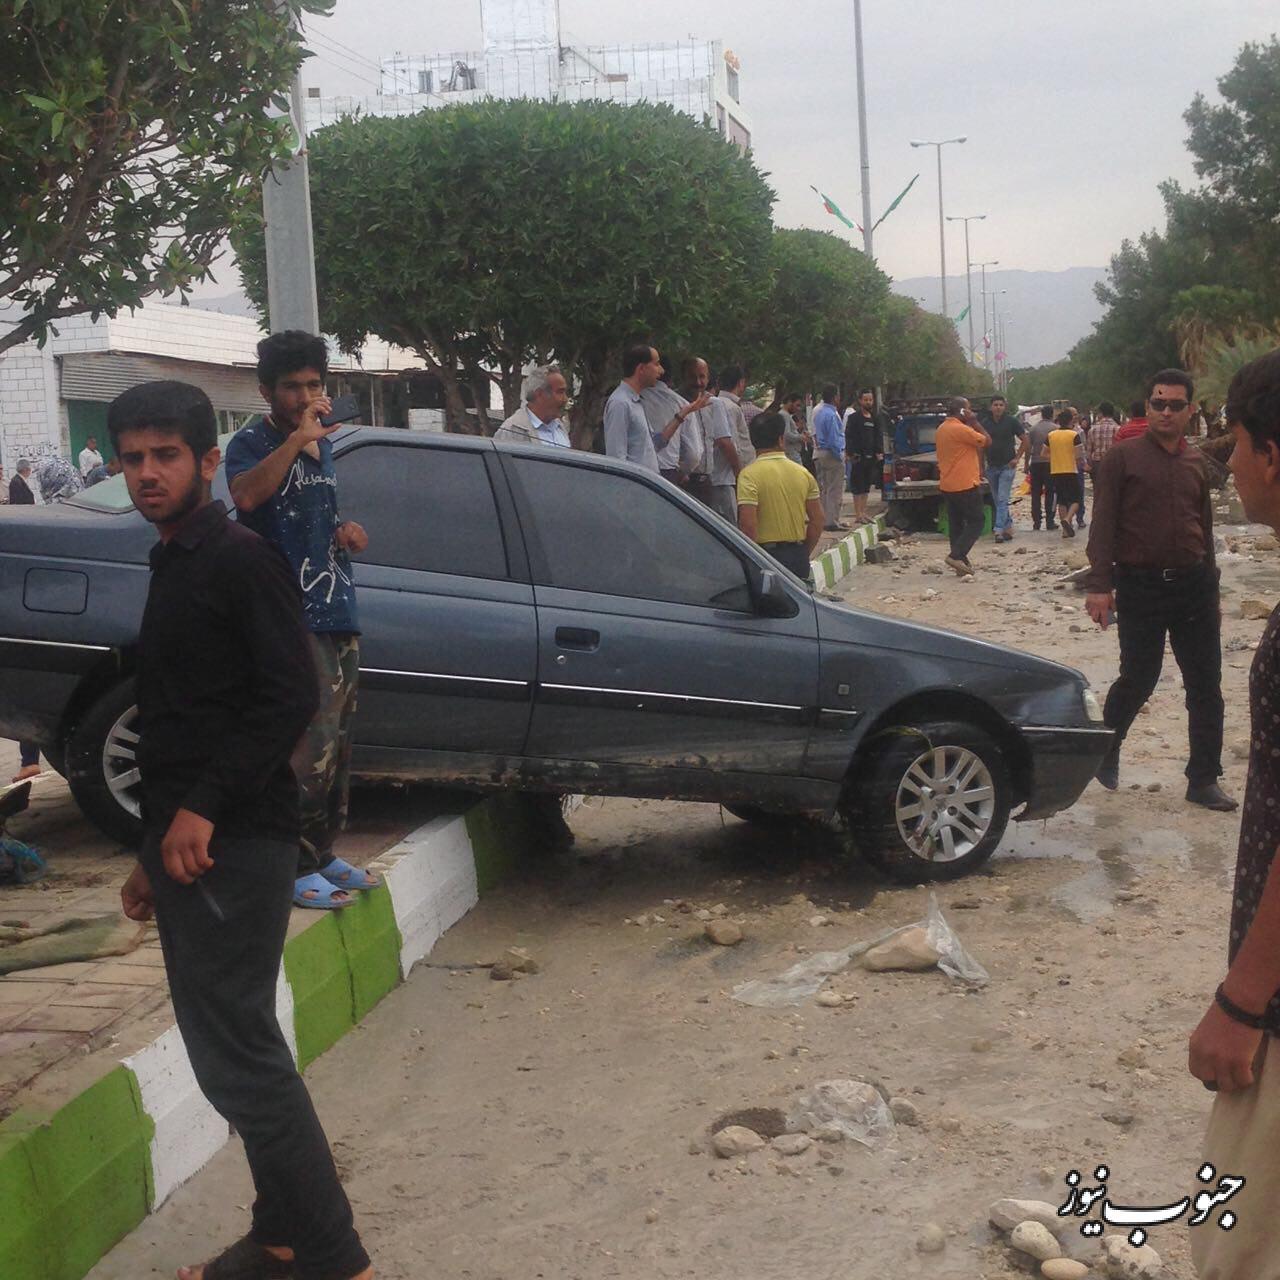 وقوع سونامی در جنوب استان بوشهر؛ 5 مفقود و 20 مجروح +عکس